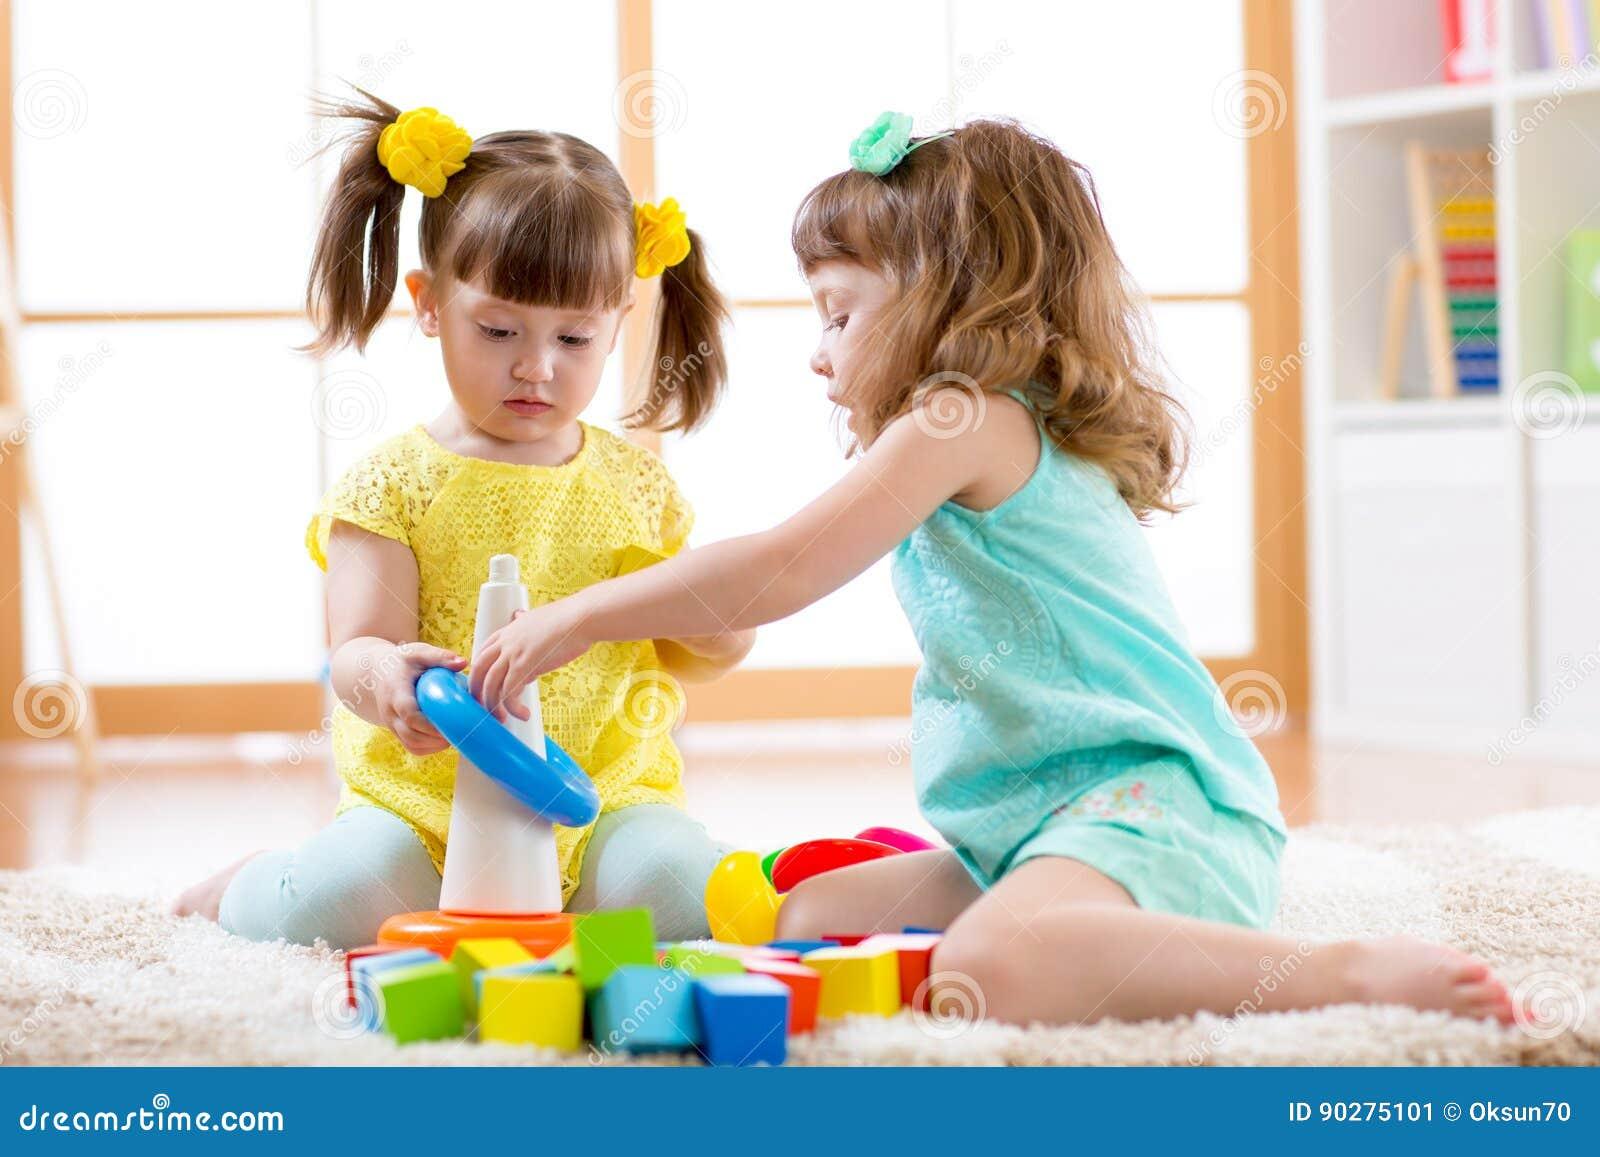 Enfants jouant ensemble Jeu d enfant et de bébé d enfant en bas âge avec des blocs Jouets éducatifs pour l école maternelle et l